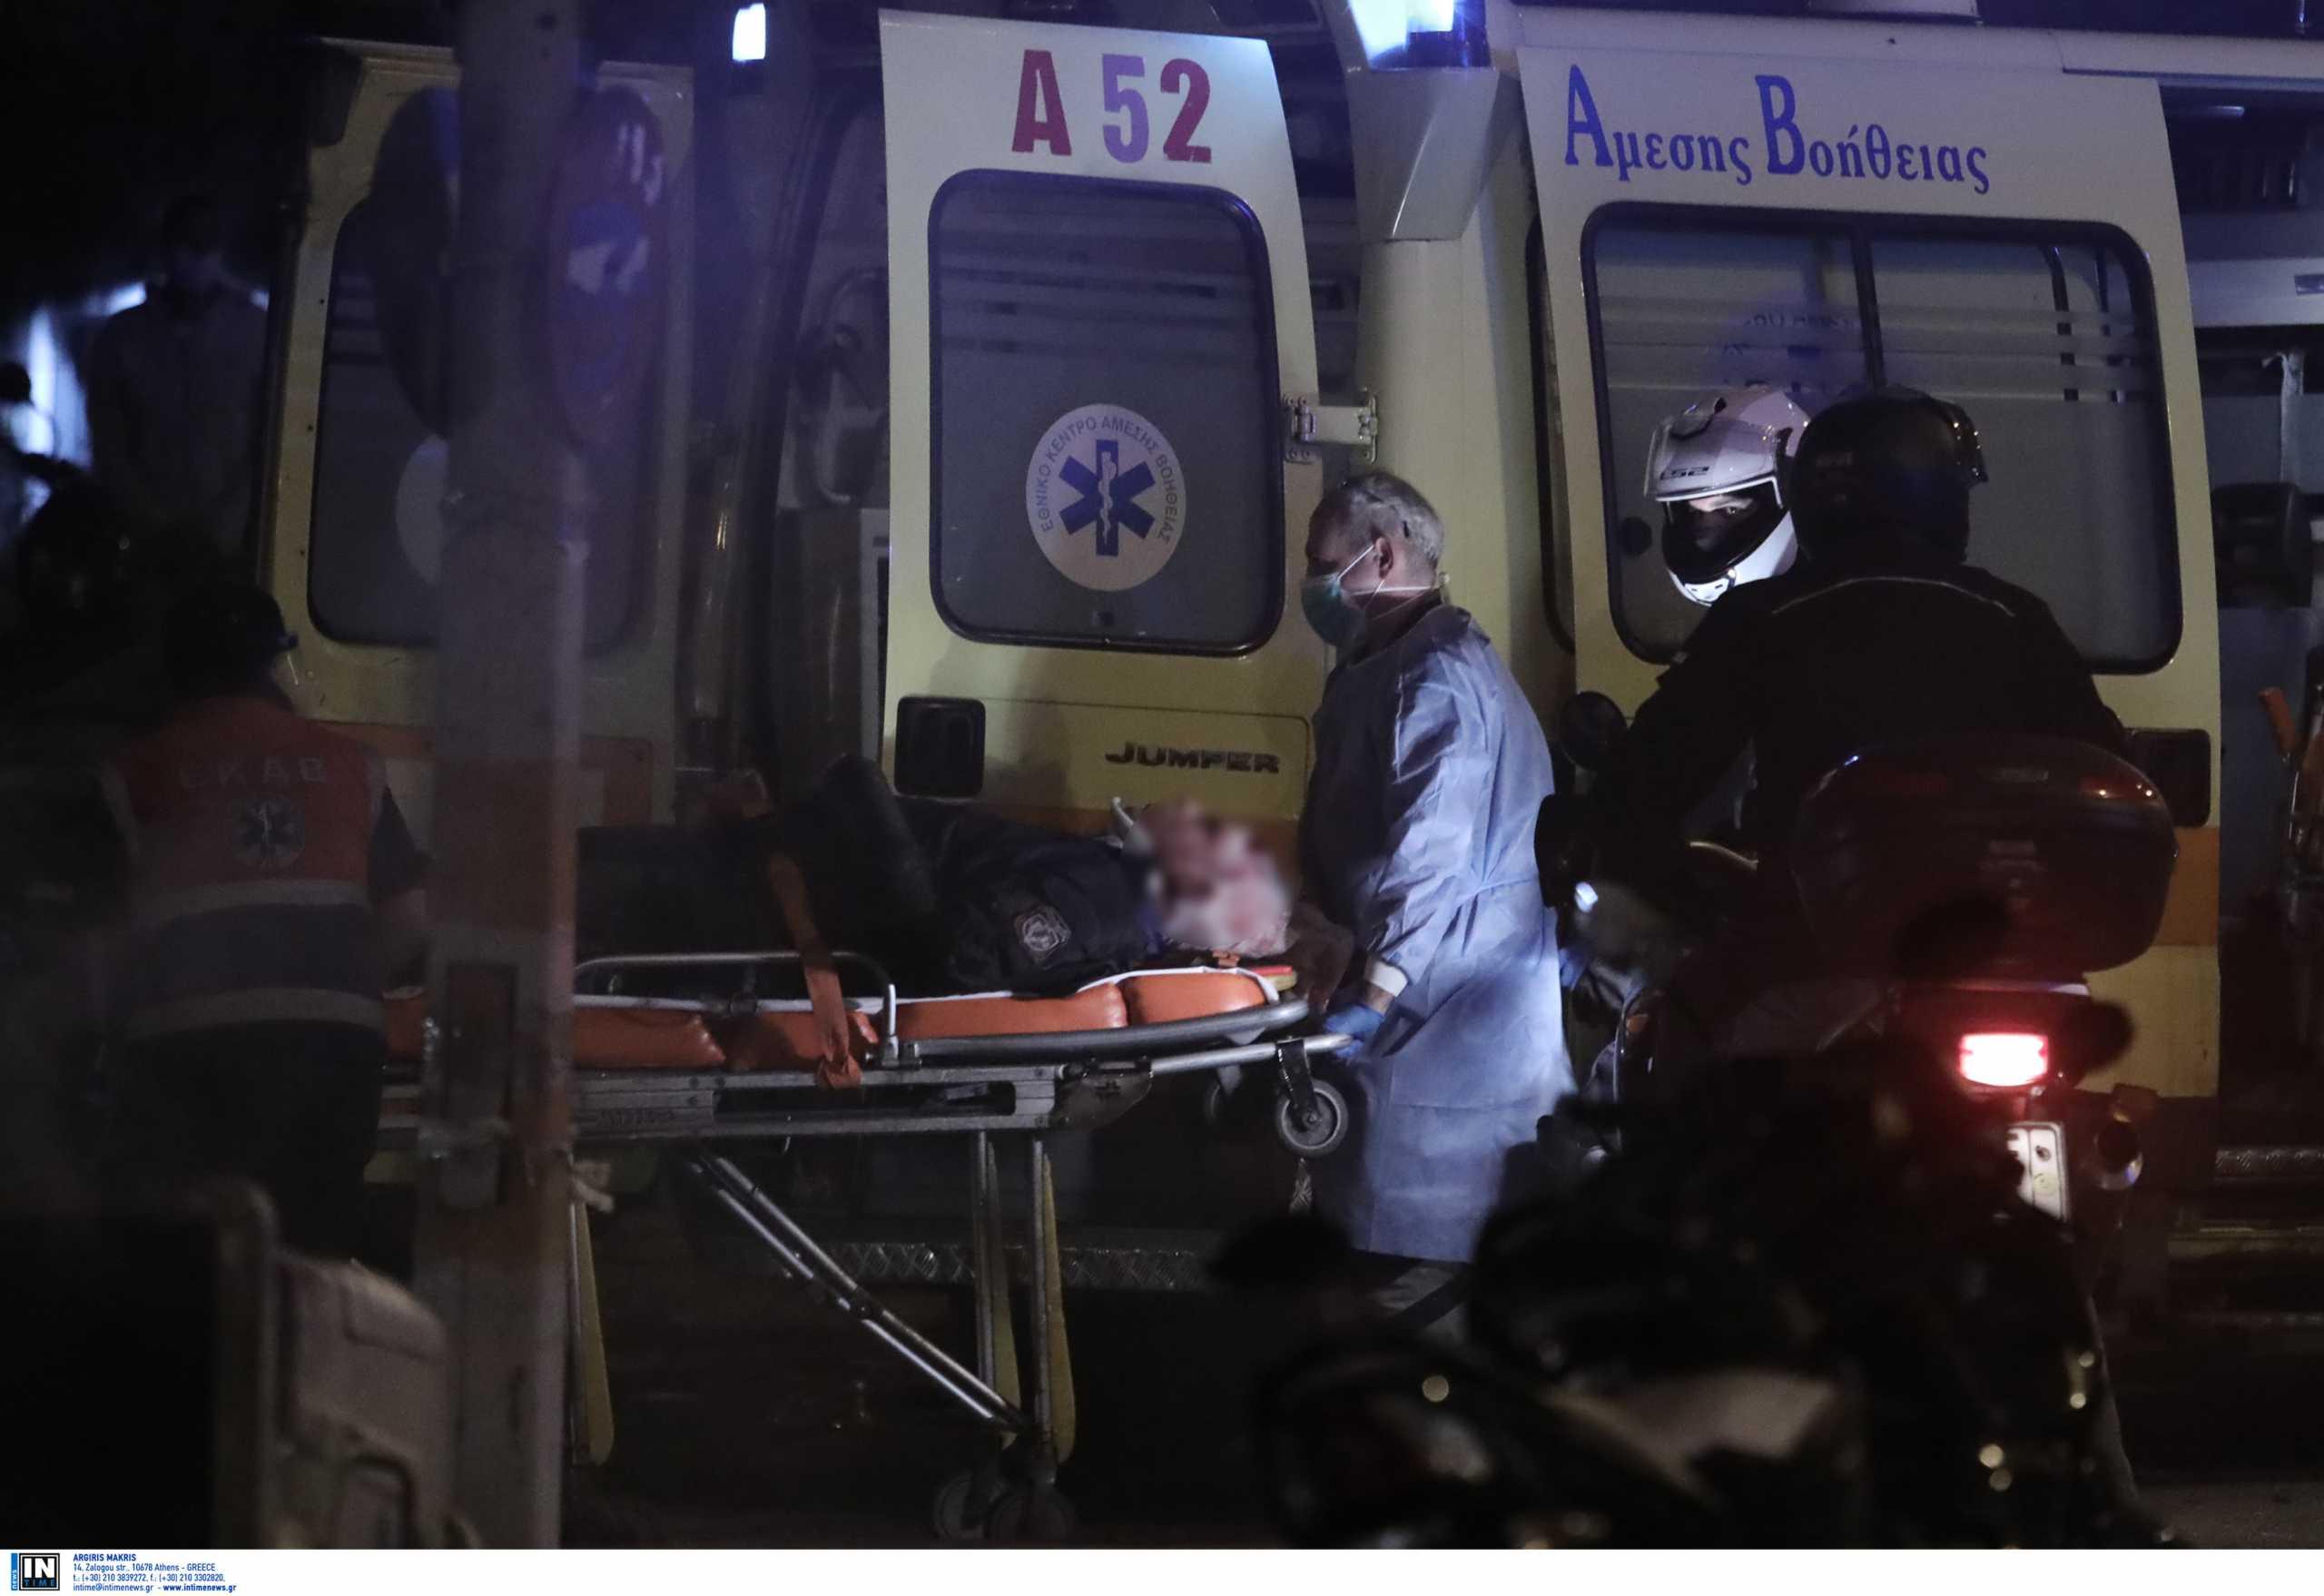 Νέα Σμύρνη: Ποιος είναι ο αστυνομικός που τραυματίστηκε σοβαρά στα επεισόδια